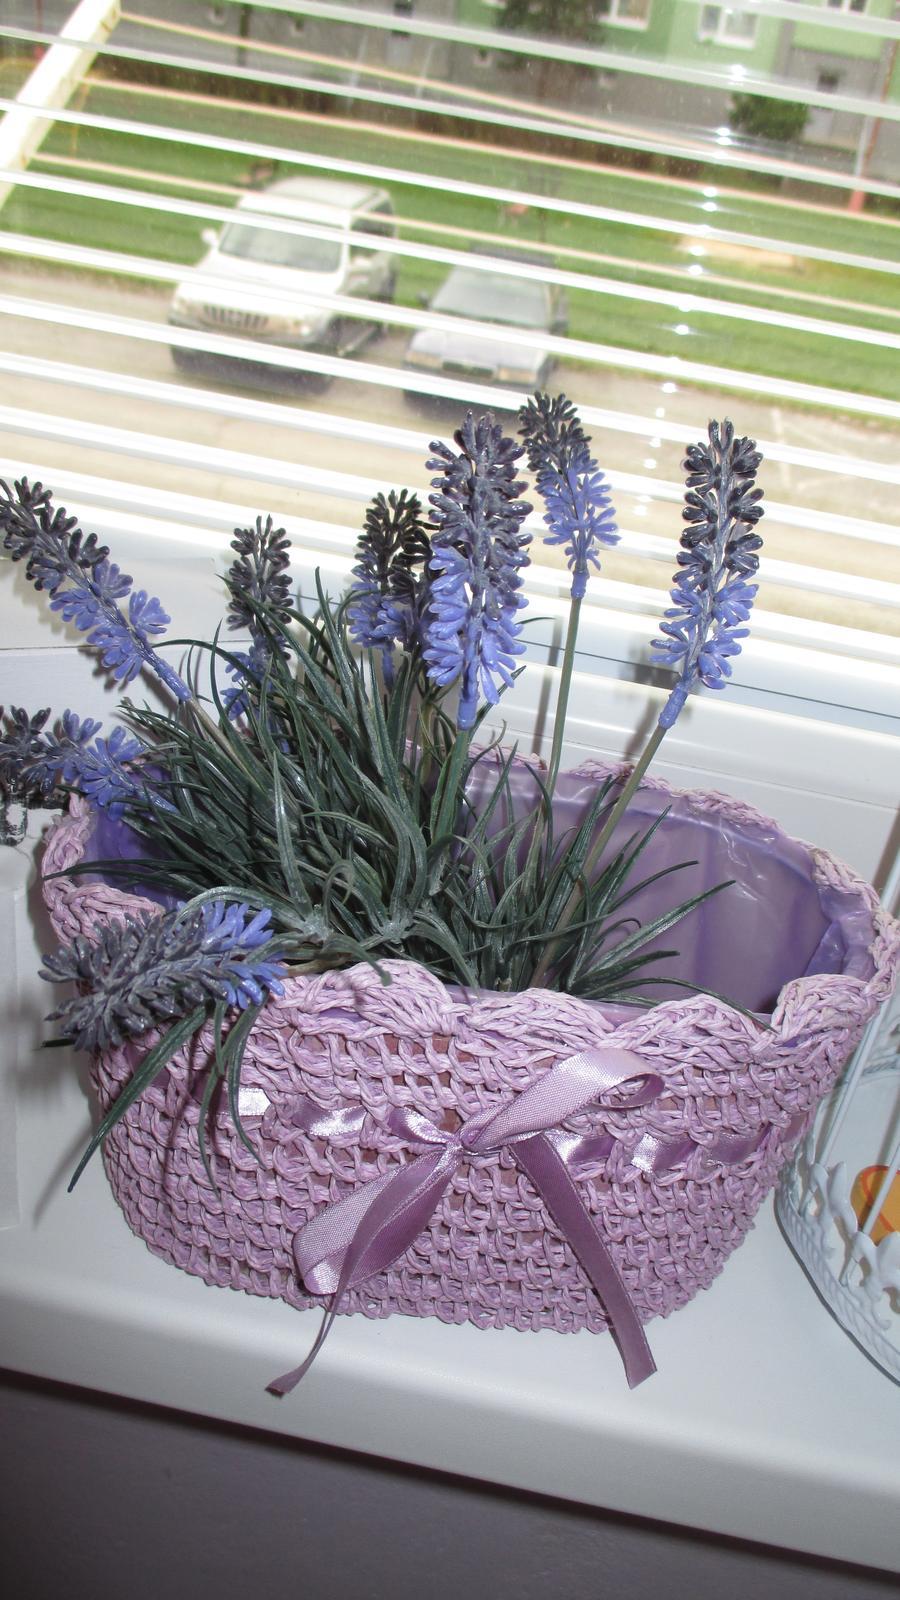 dekoračný kvetináč  - Obrázok č. 1